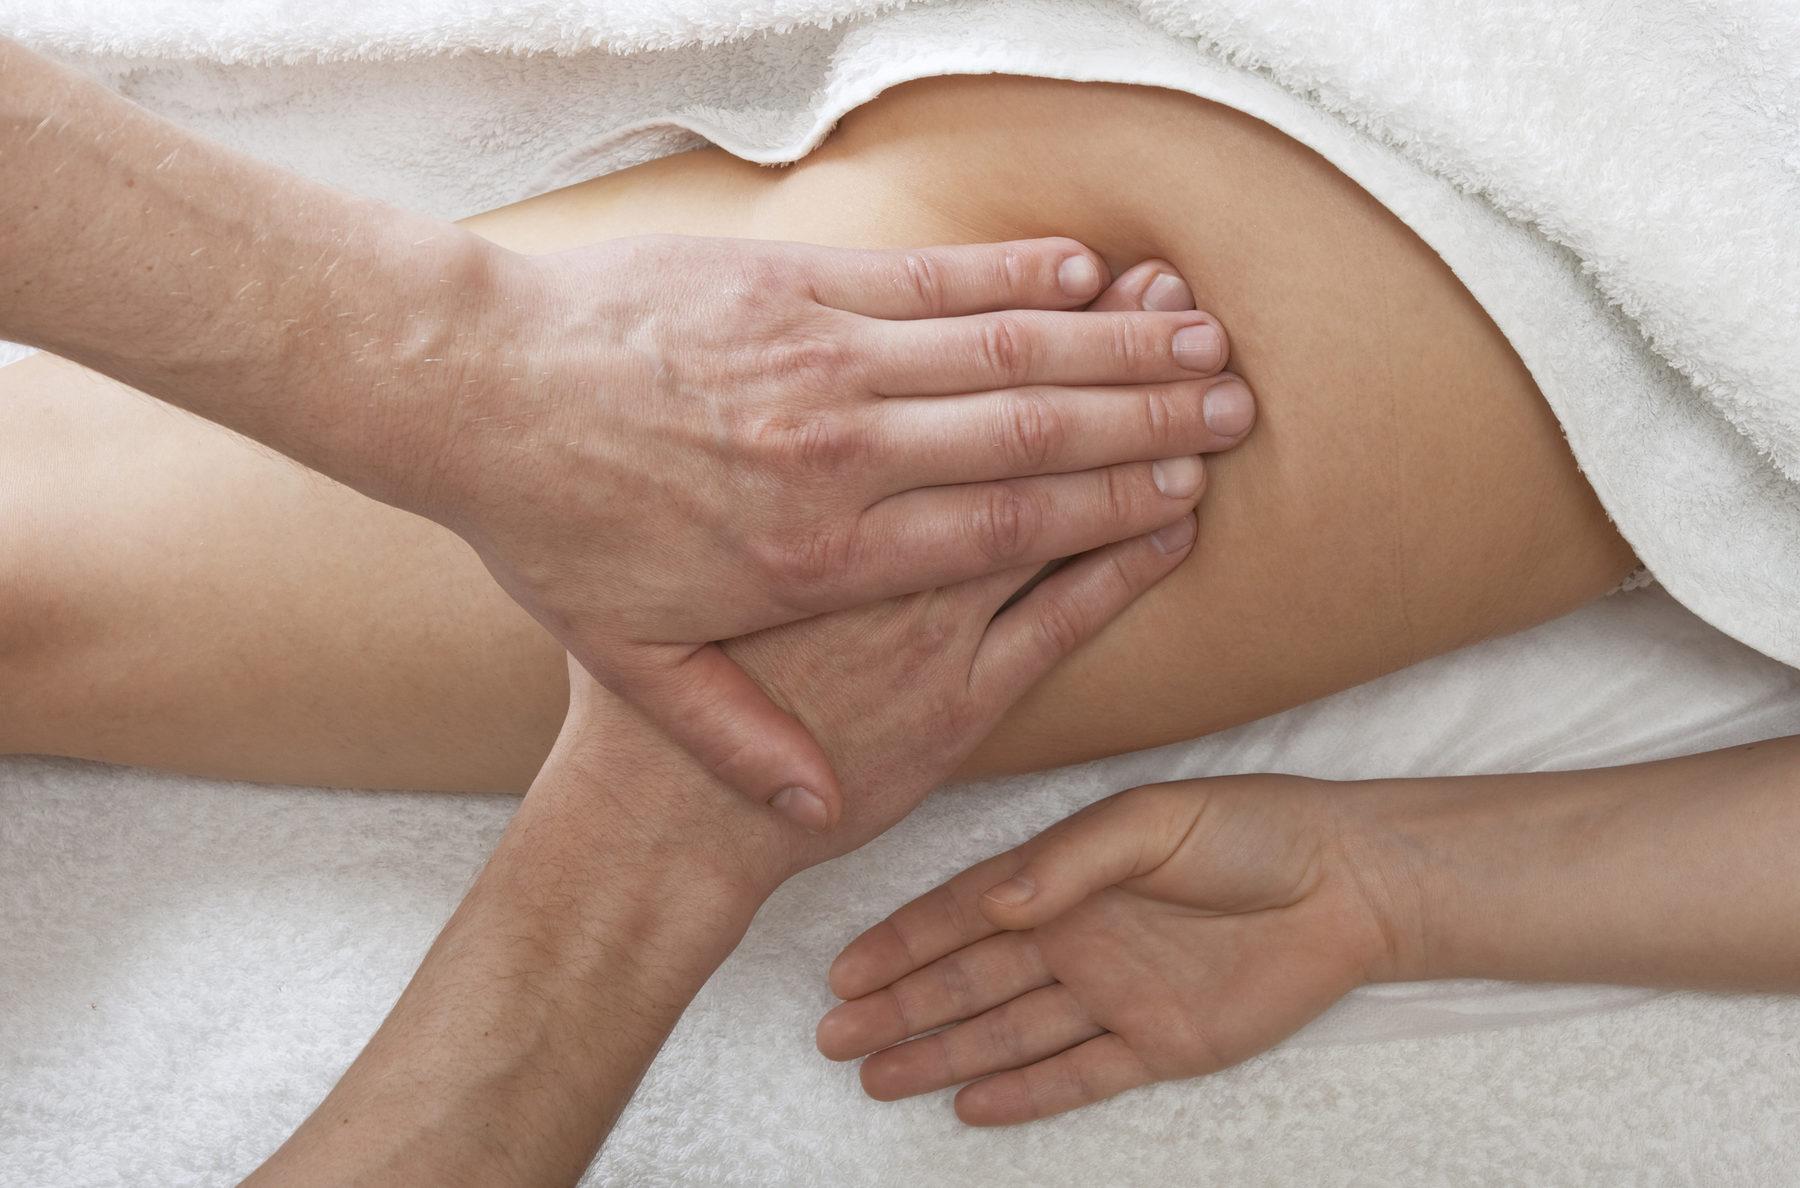 Sports Massage Thigh